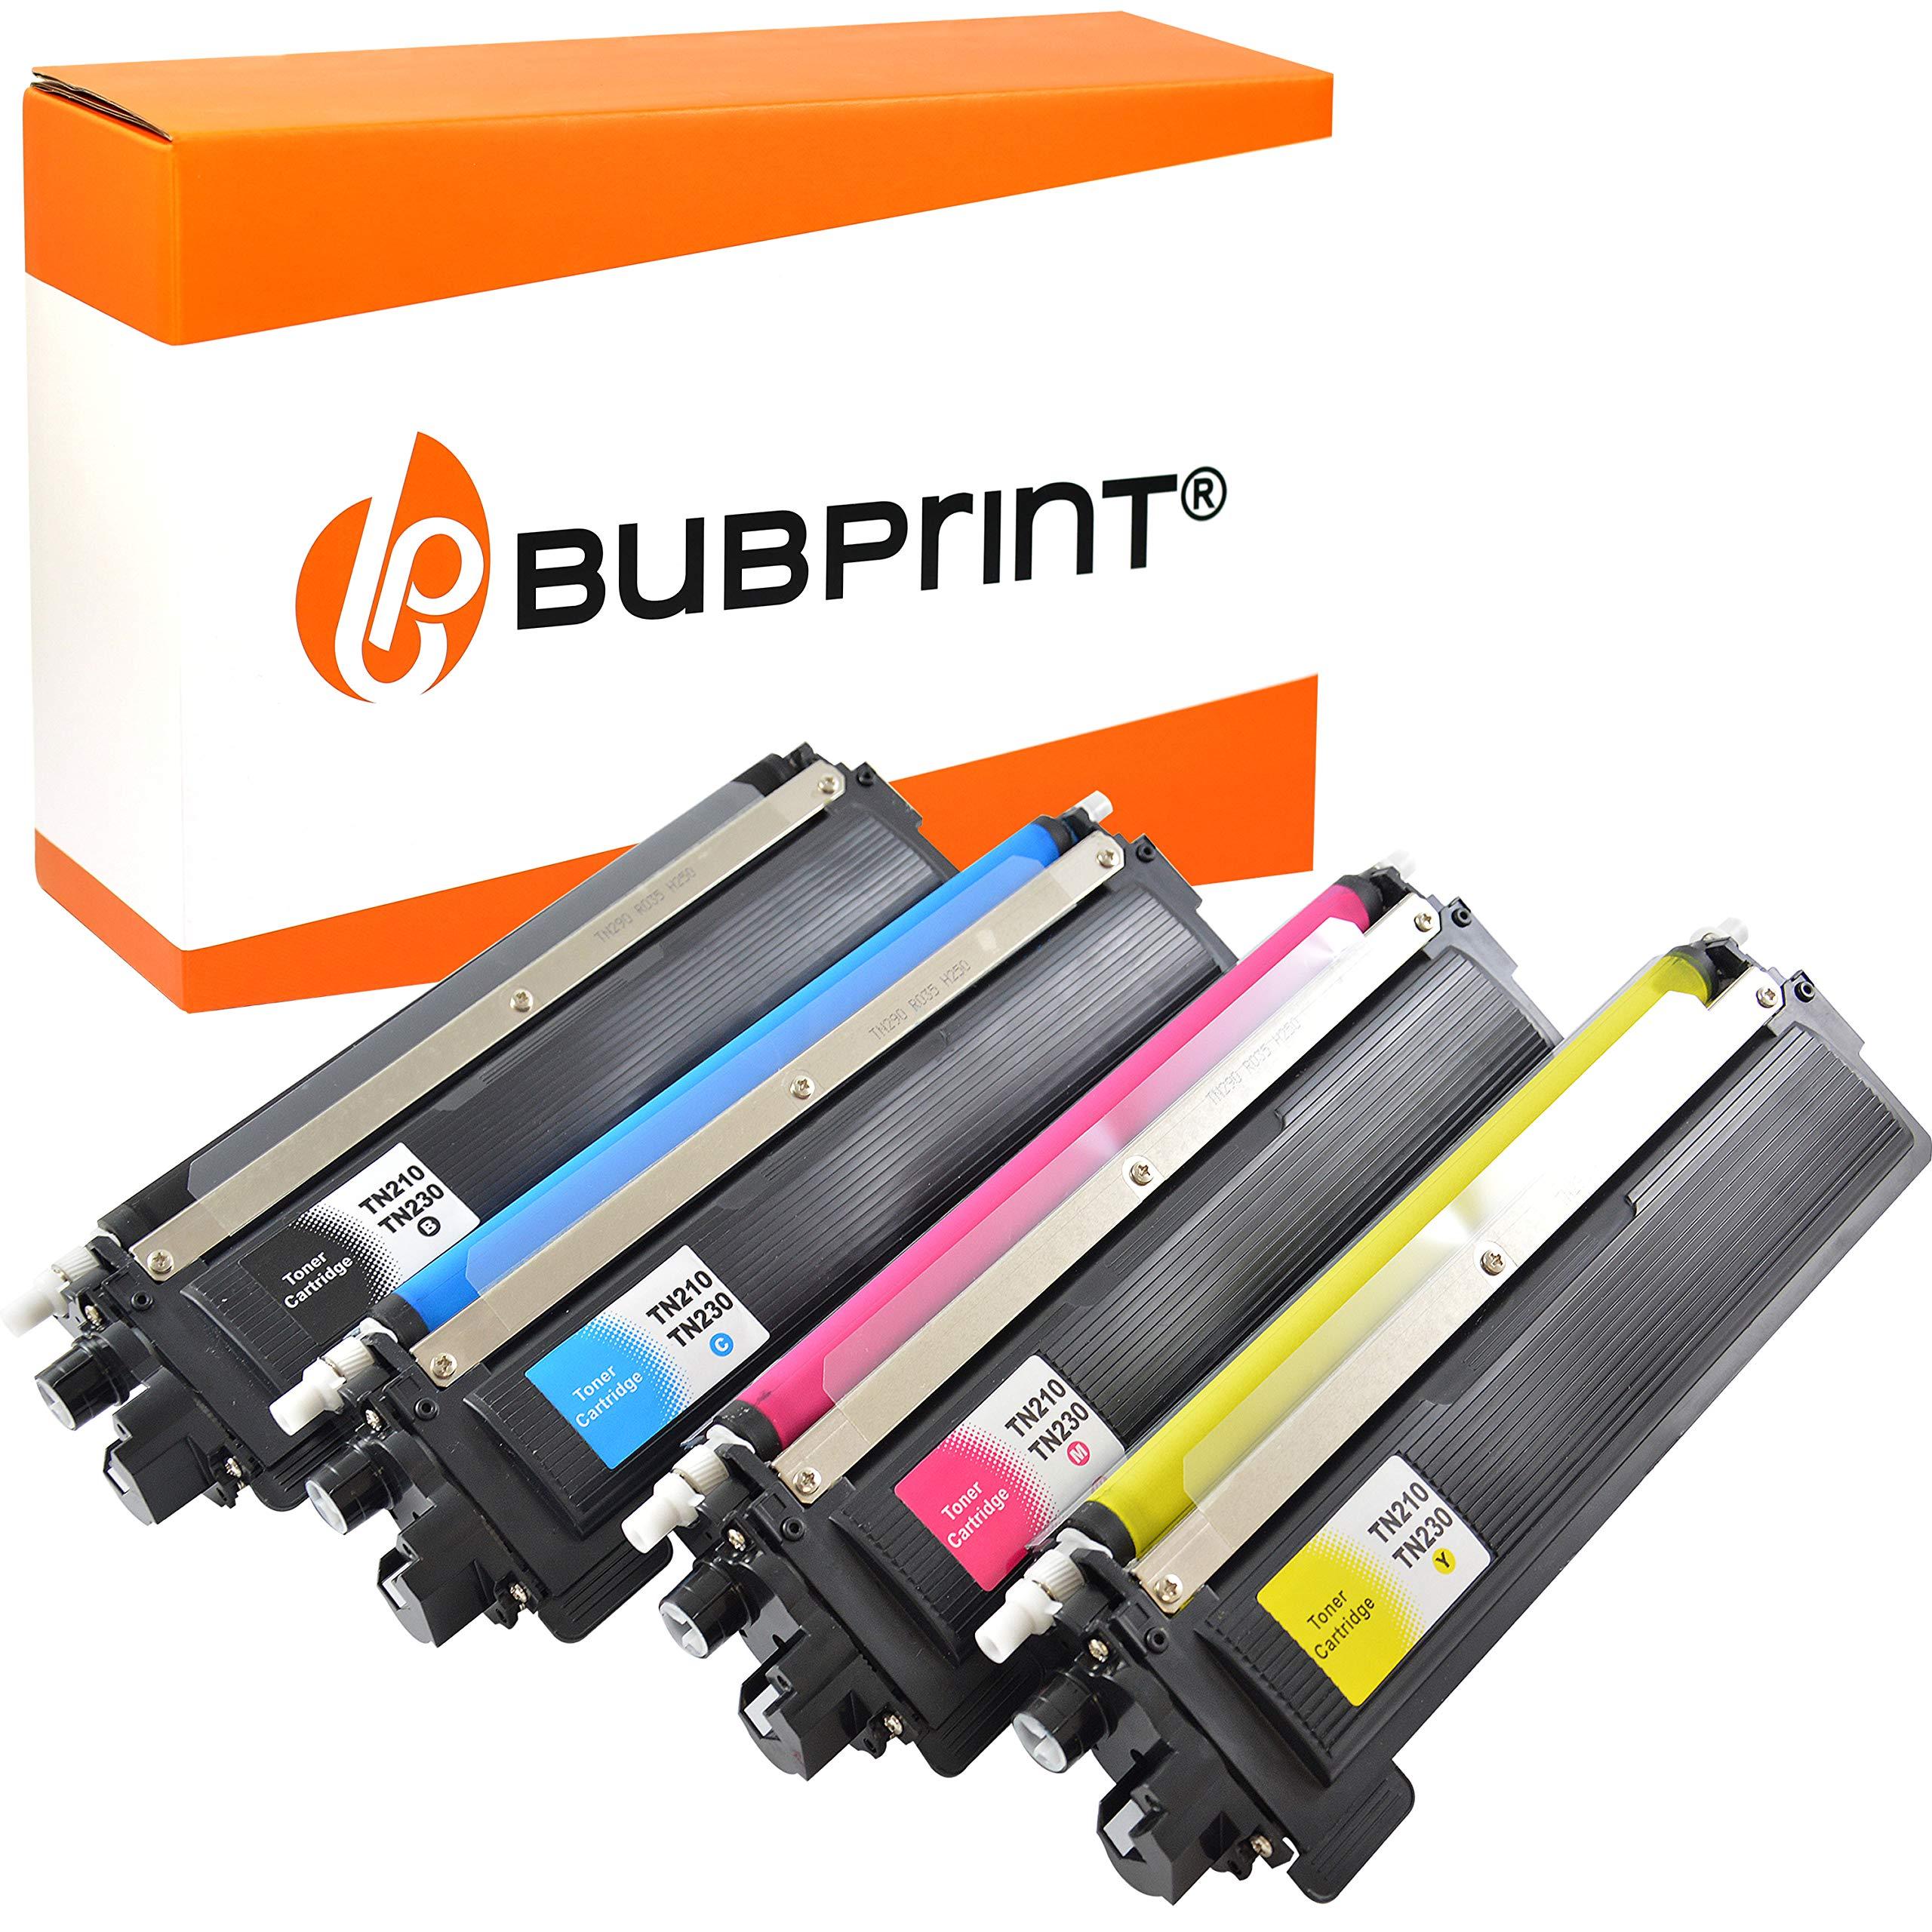 Bubprint-4-Toner-kompatibel-fr-Brother-TN-230-TN230-TN-230-fr-DCP-9010CN-HL-3040CN-HL-3070CW-MFC-9120CN-MFC-9320CW-Schwarz-Cyan-Magenta-Gelb